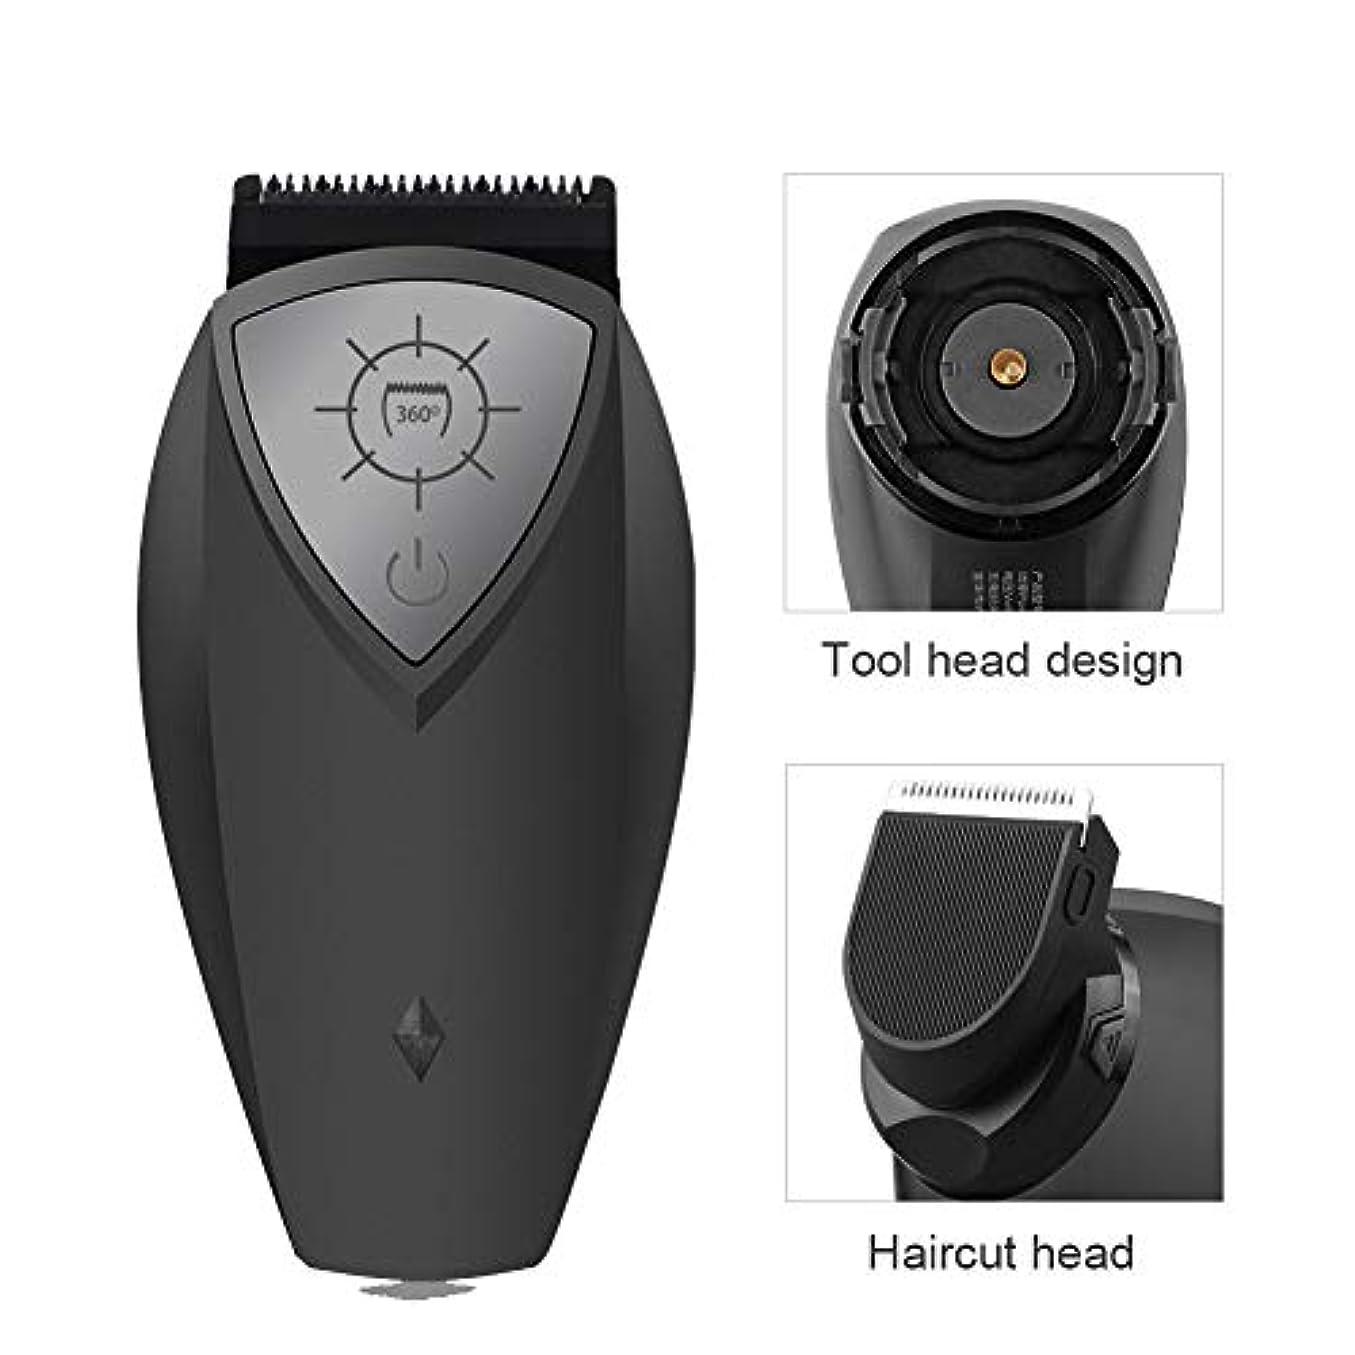 参加するごめんなさい女性Lambowo 360度の回転式有料男性の電気シェーバーボディひげの毛のトリマーのかみそり